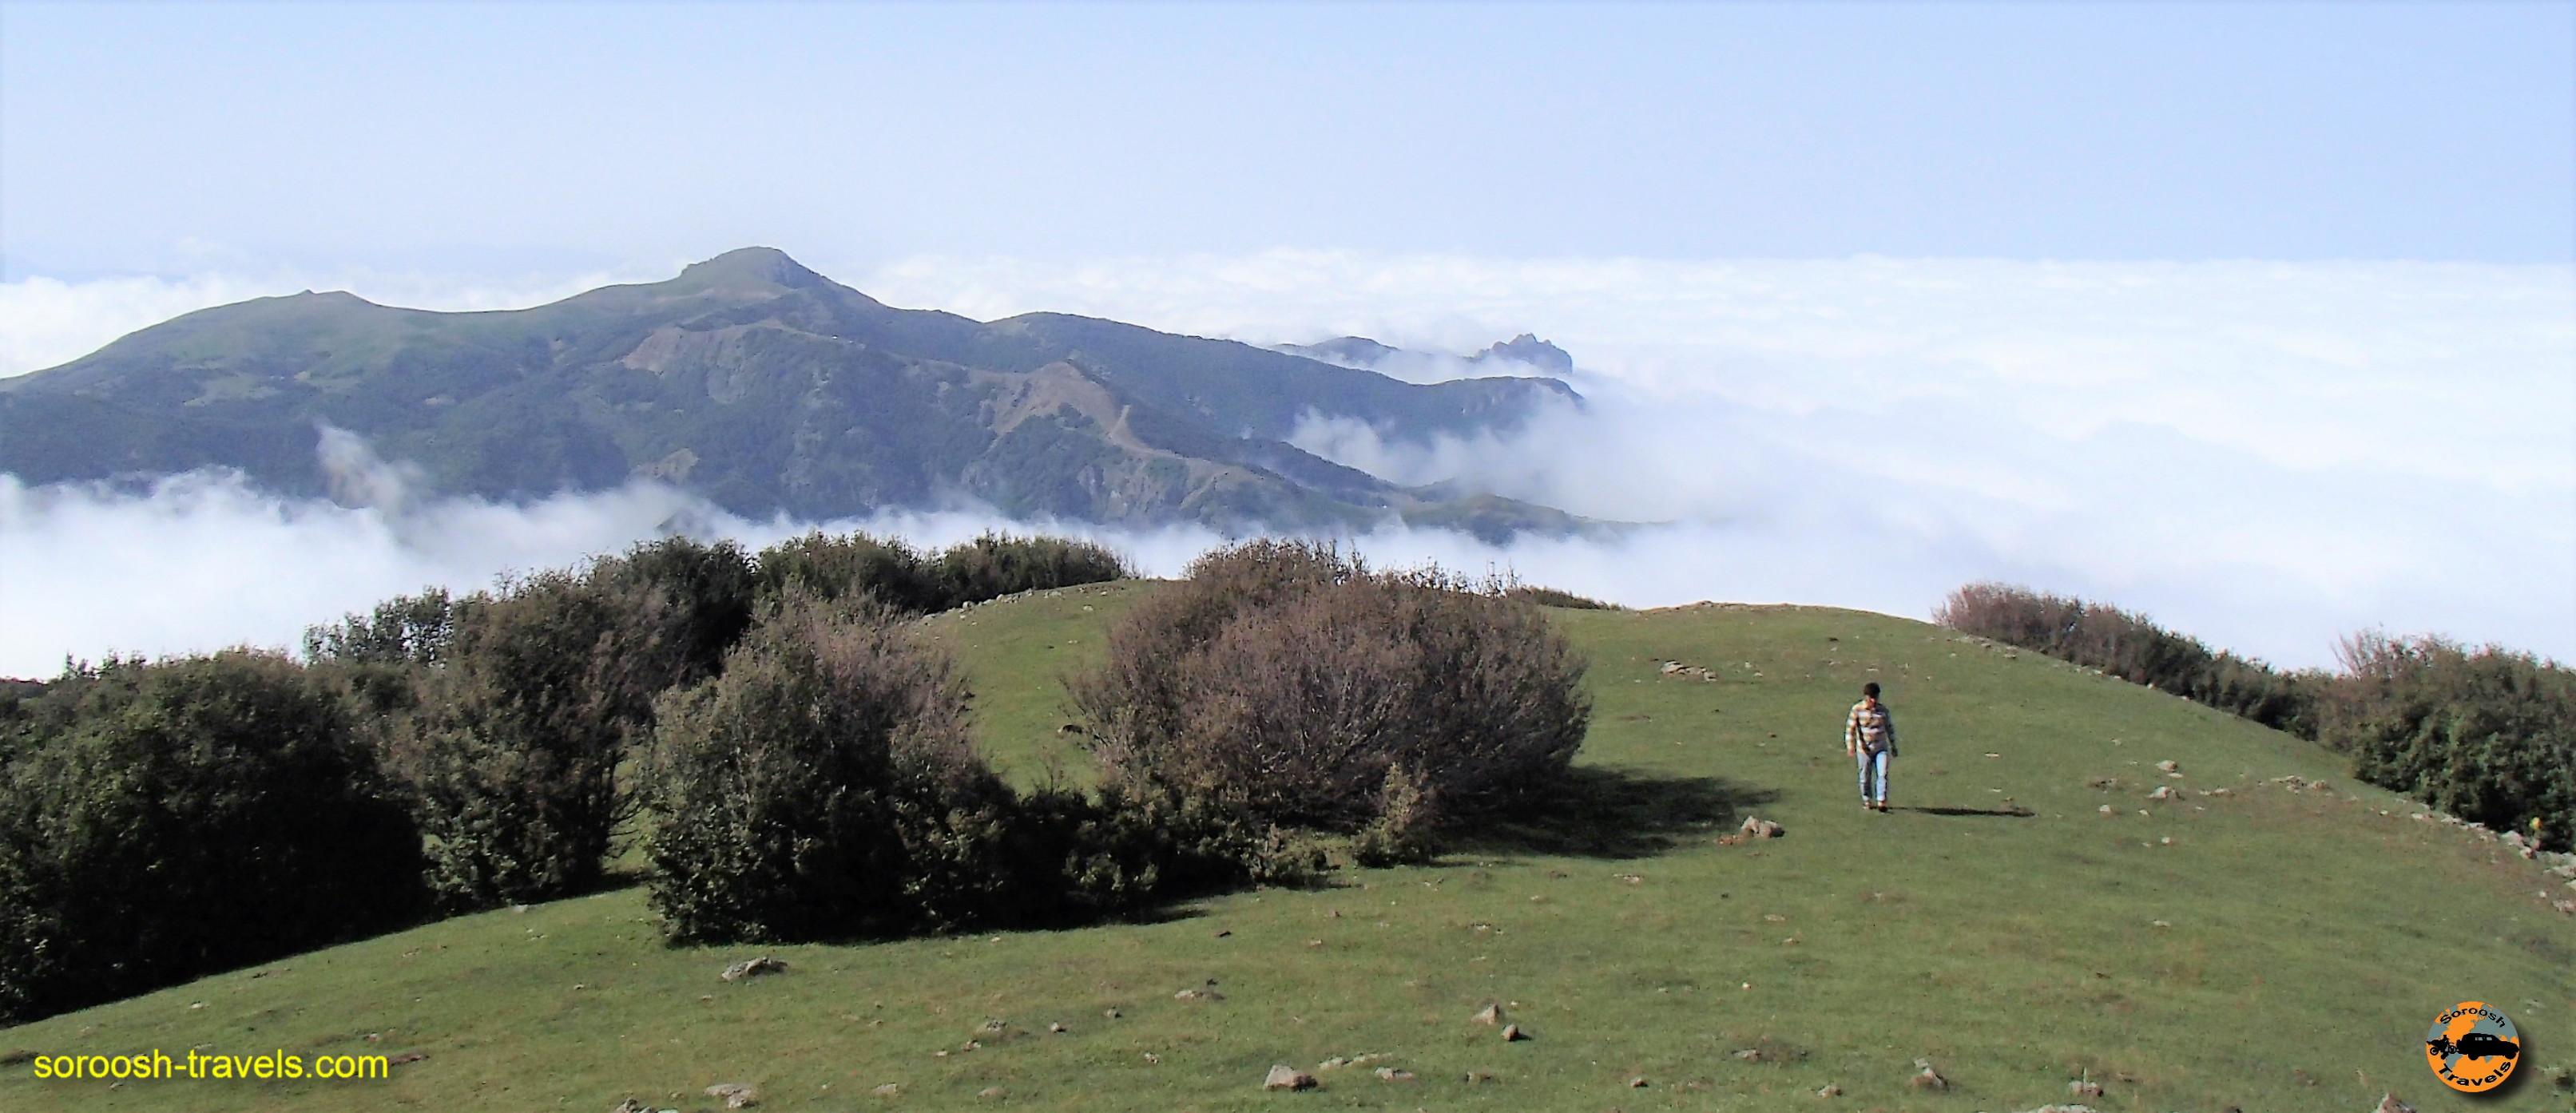 مناظر رویایی کوههای سوها - تابستان ۱۳۹۶